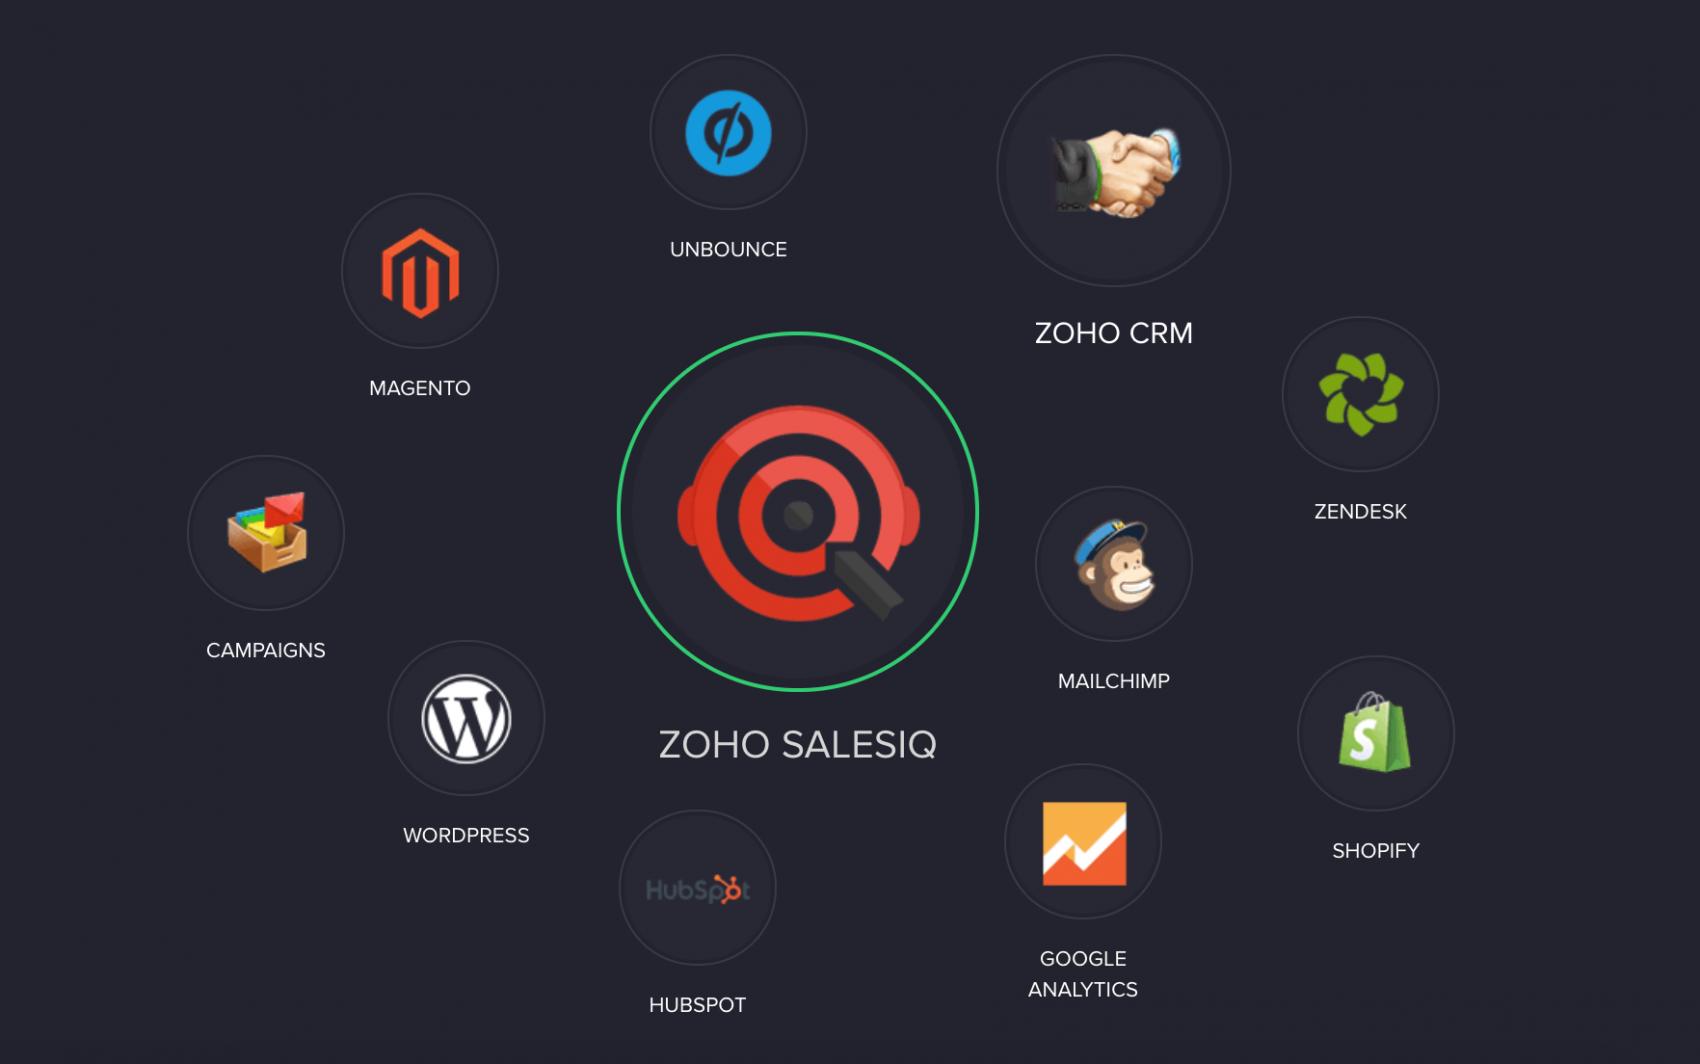 Integrations - Zoho SalesIQ